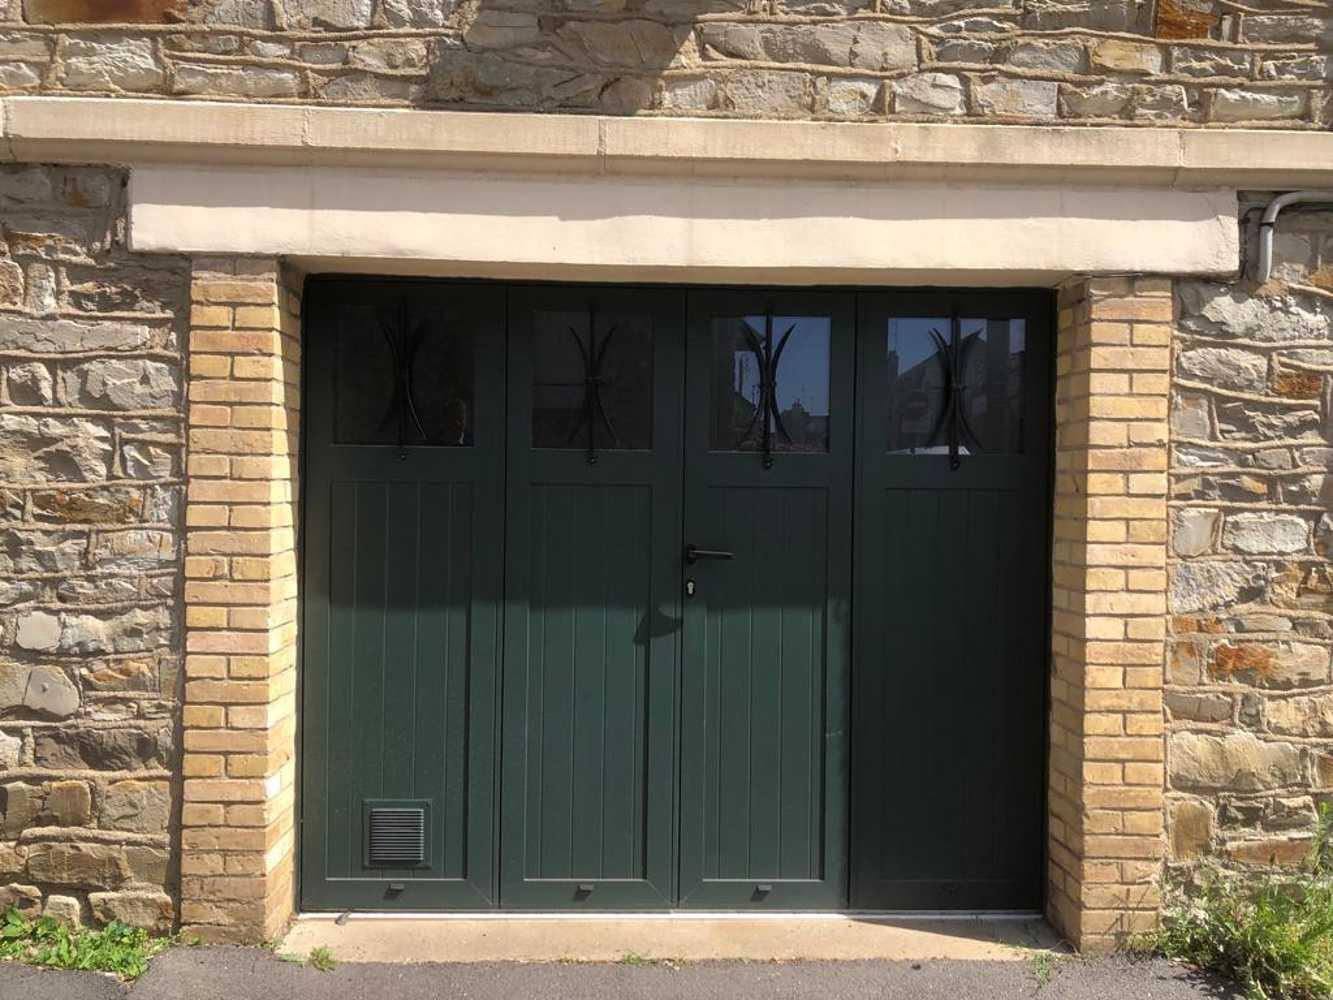 Pose d''une porte de garage battante vert sapin - Ille-et-Vilaine (35) 0